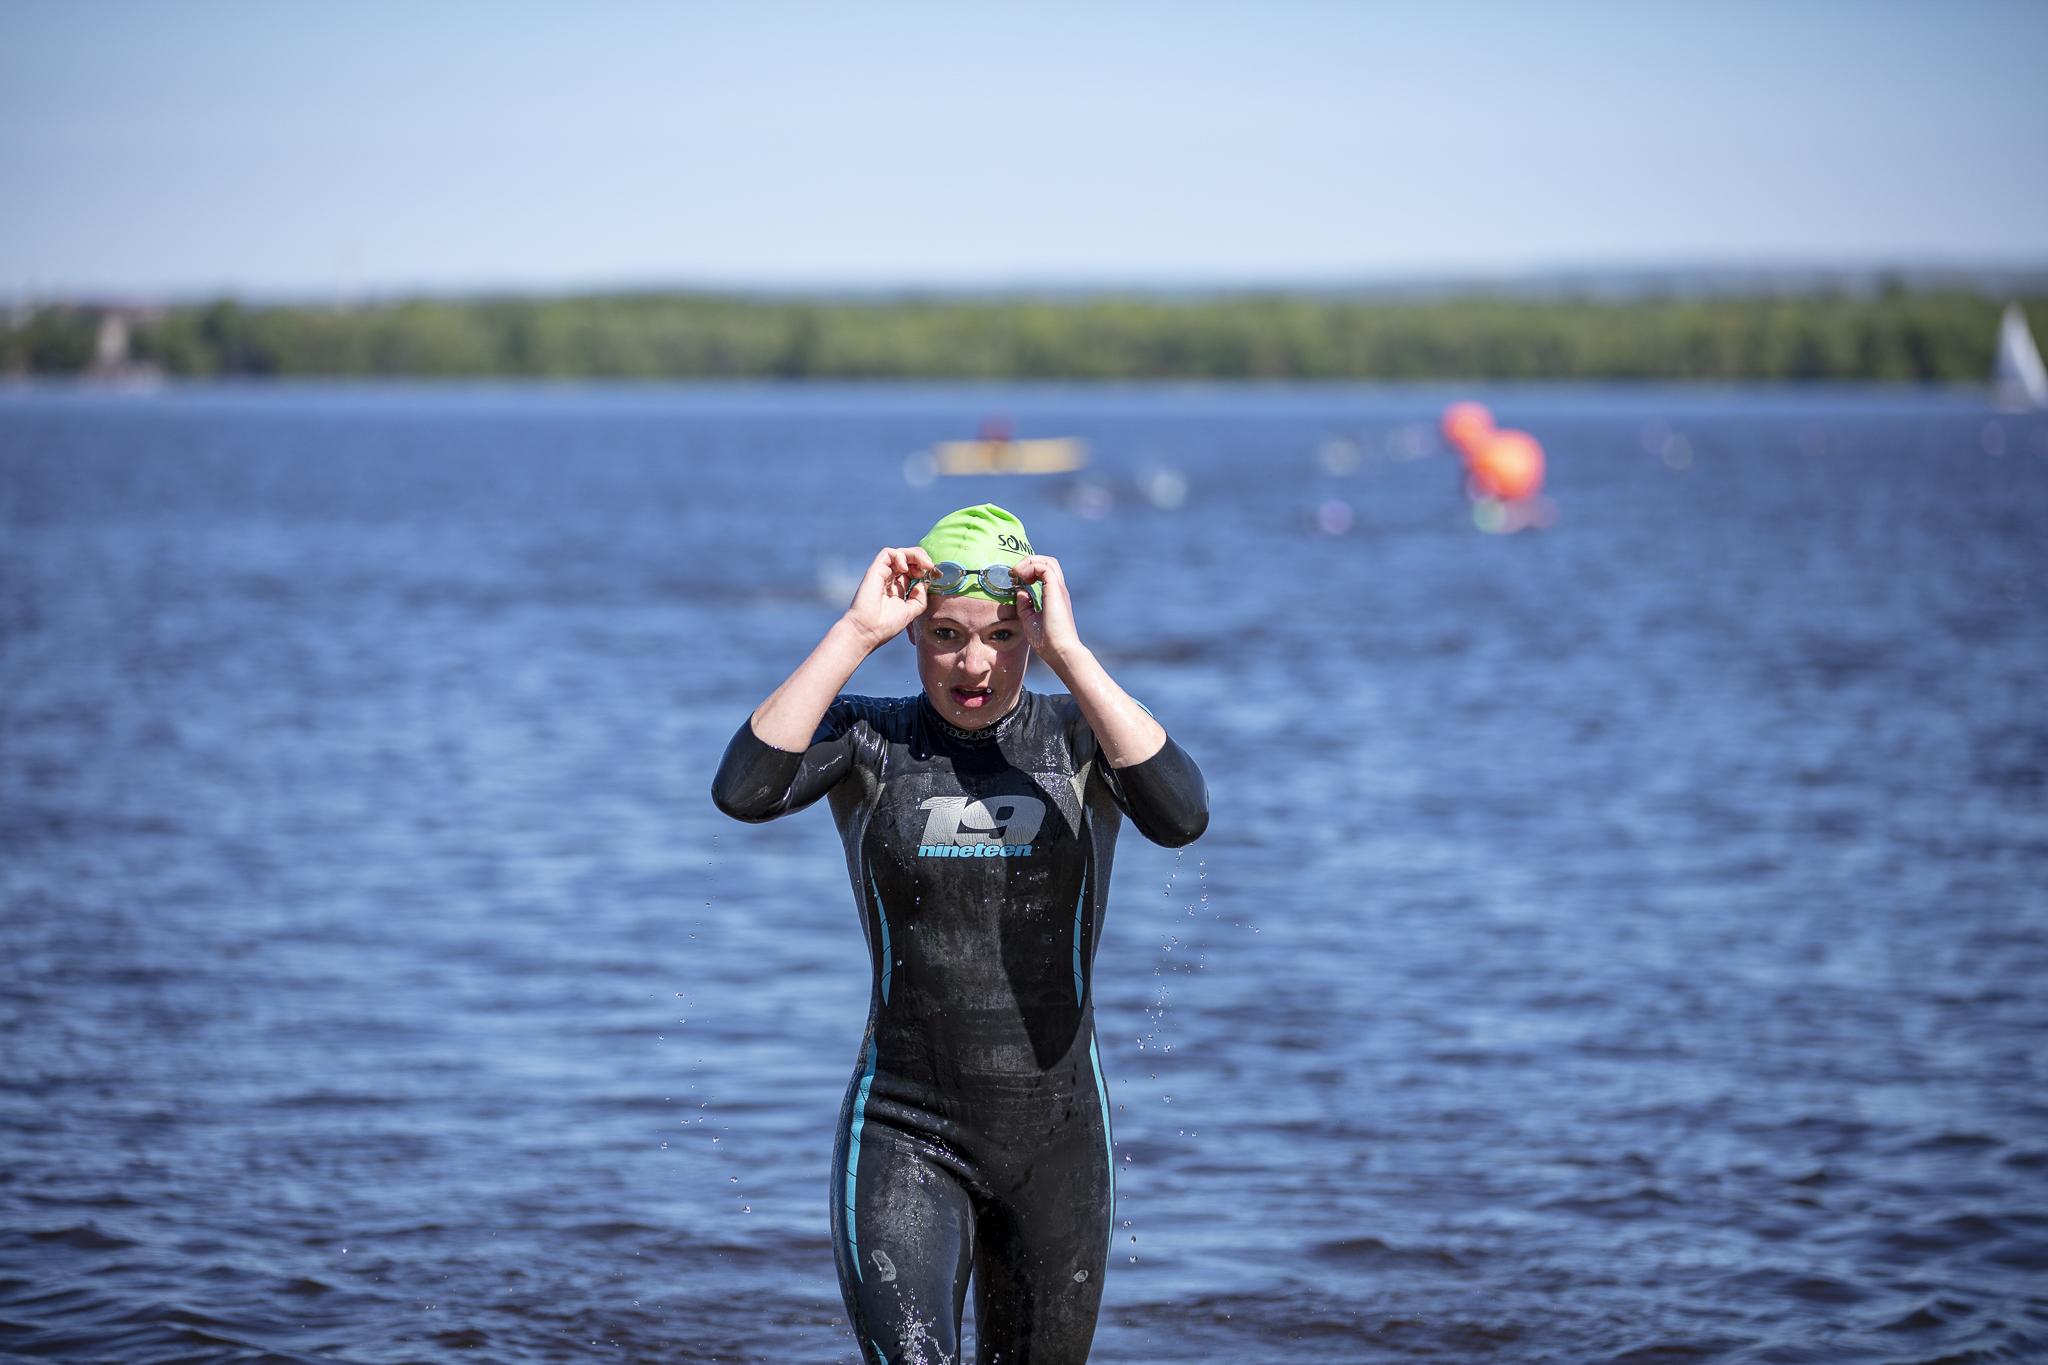 Emilie Tremblay - Somersault Olympic Triathlon - Britannia Beach - Reduced Edits - 08 Jun '19 - 04.JPG